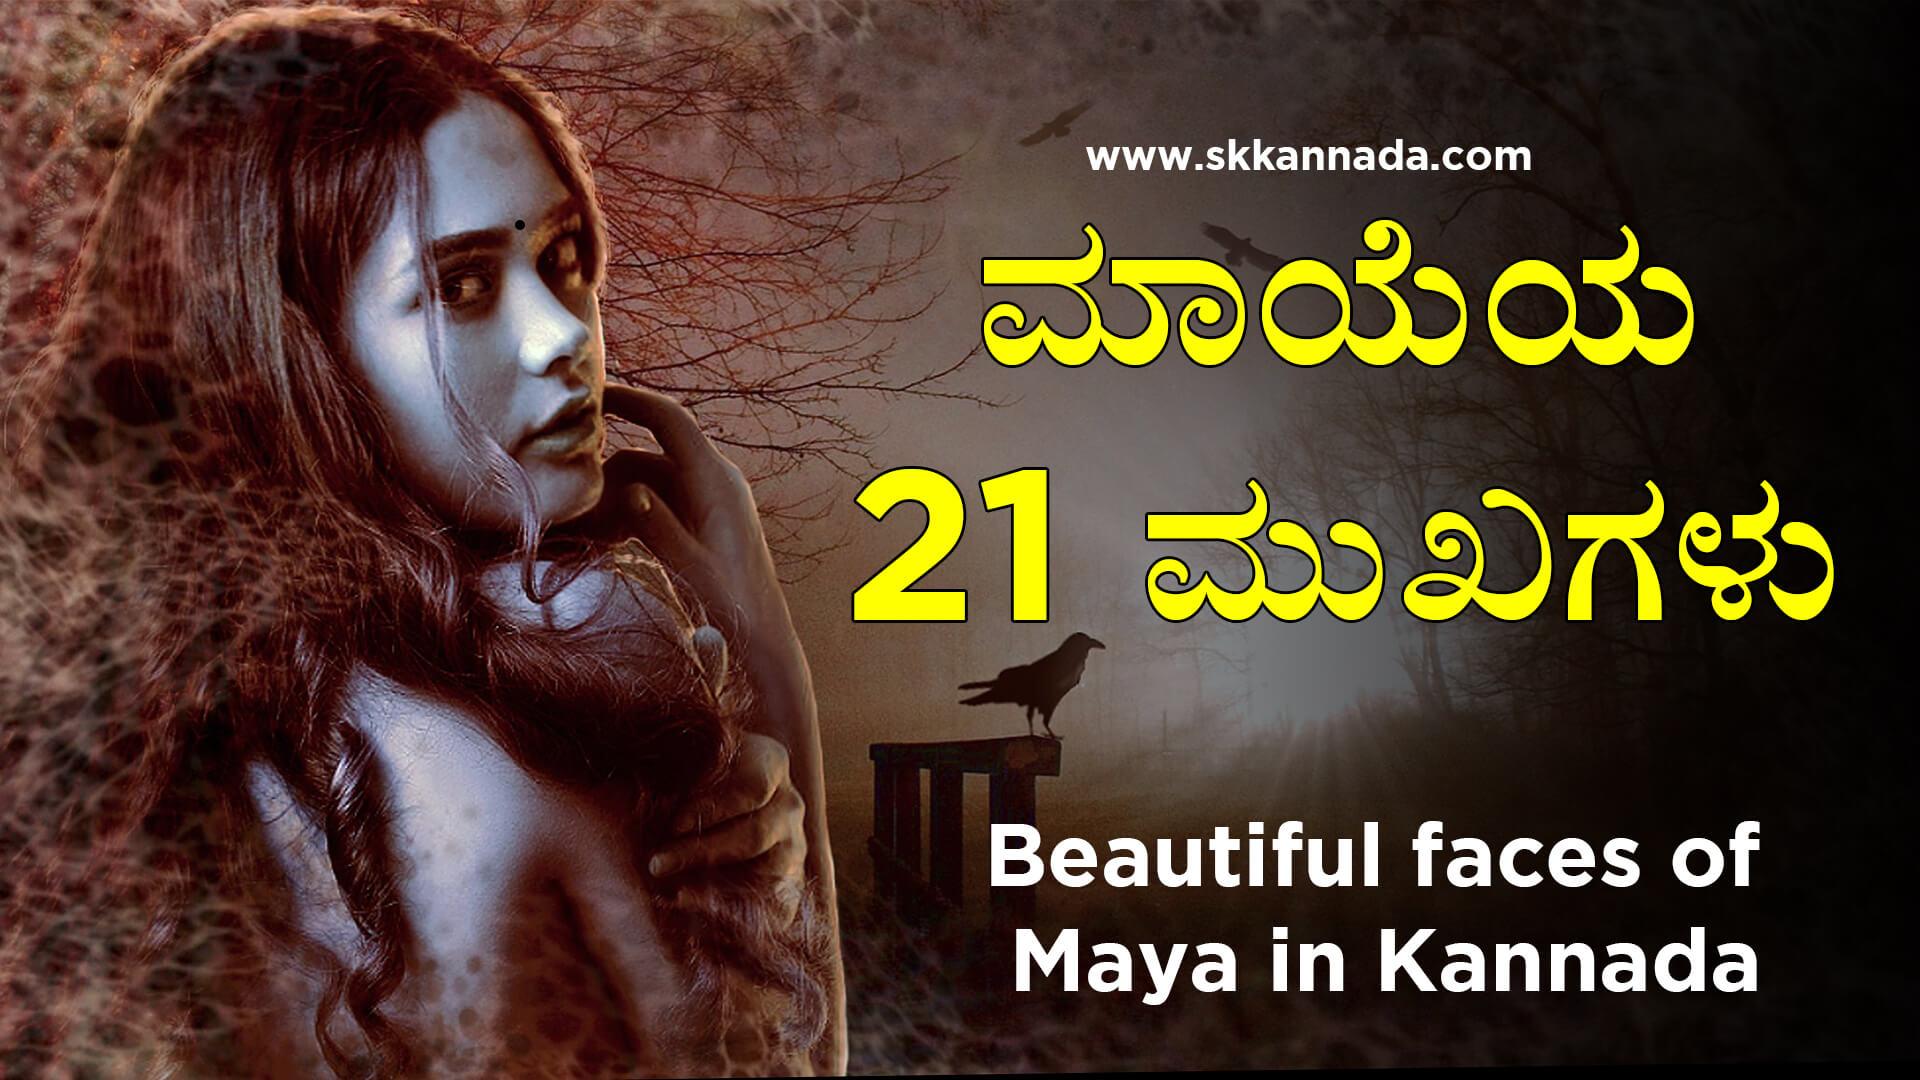 ಮಾಯೆಯ 21 ಮುಖಗಳು : Romantic Kavanagalu Poem on Maya Woman in Kannada